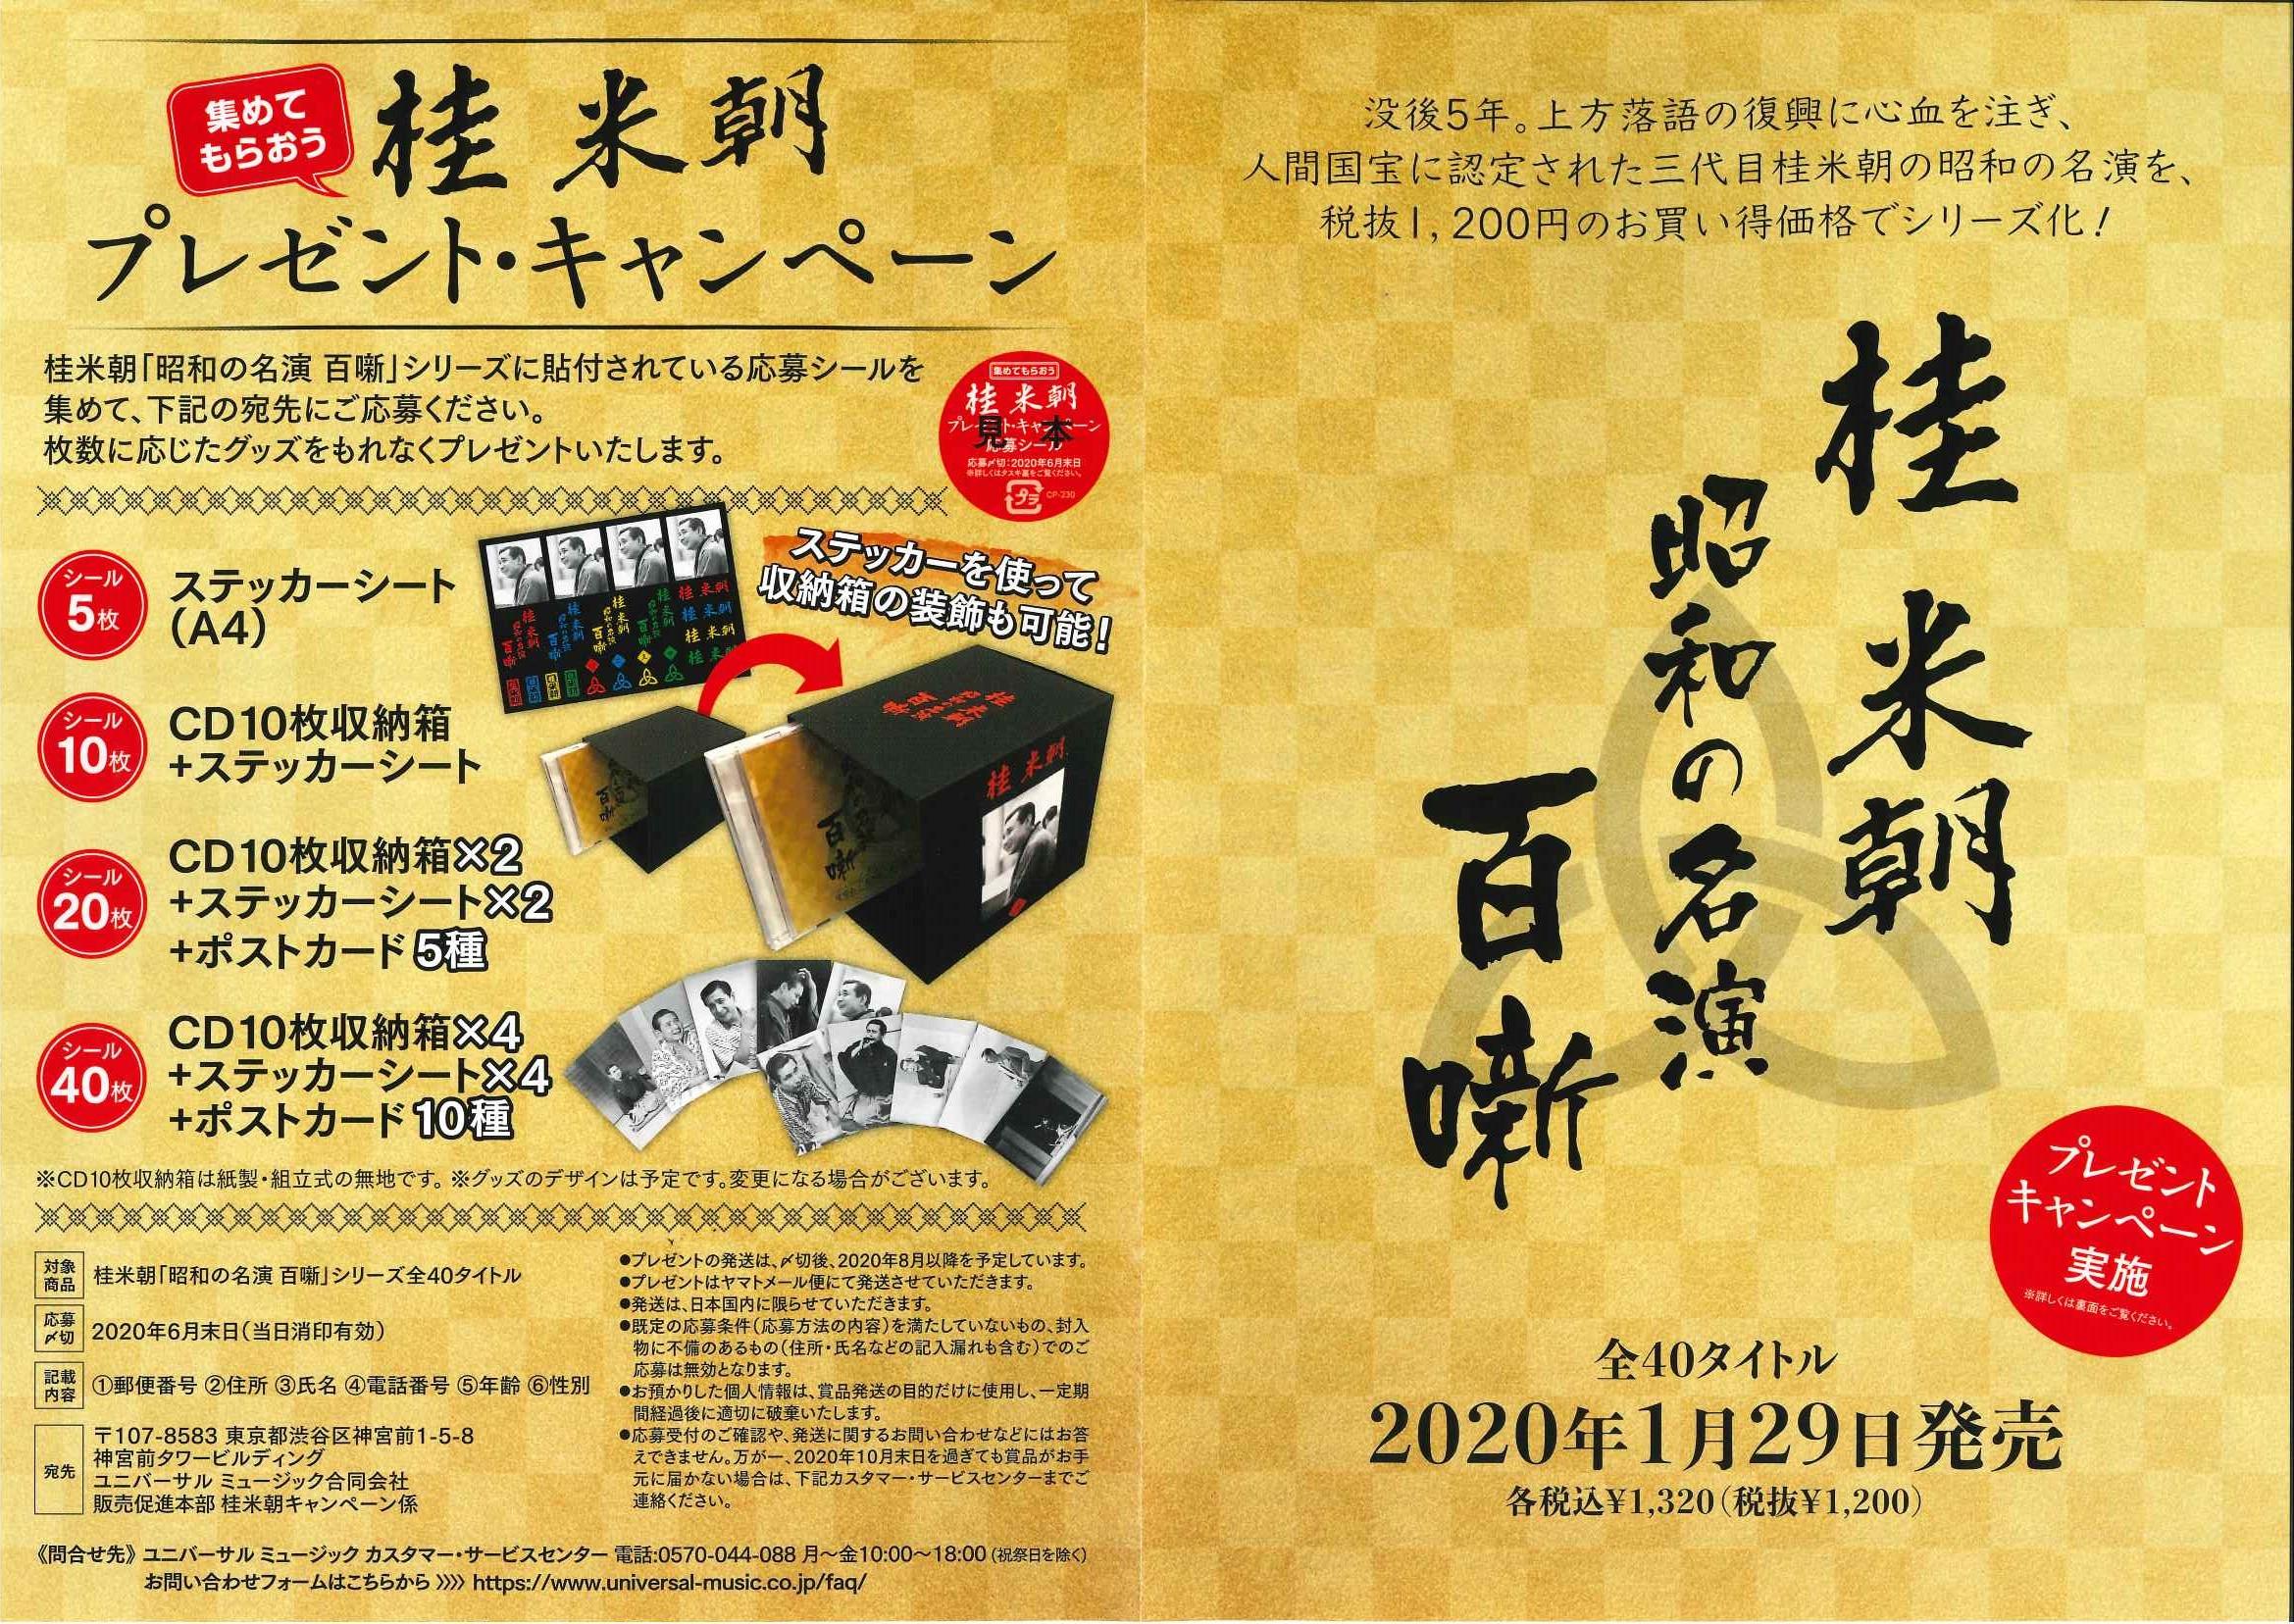 桂米朝 昭和の名演百噺 CD発売!!